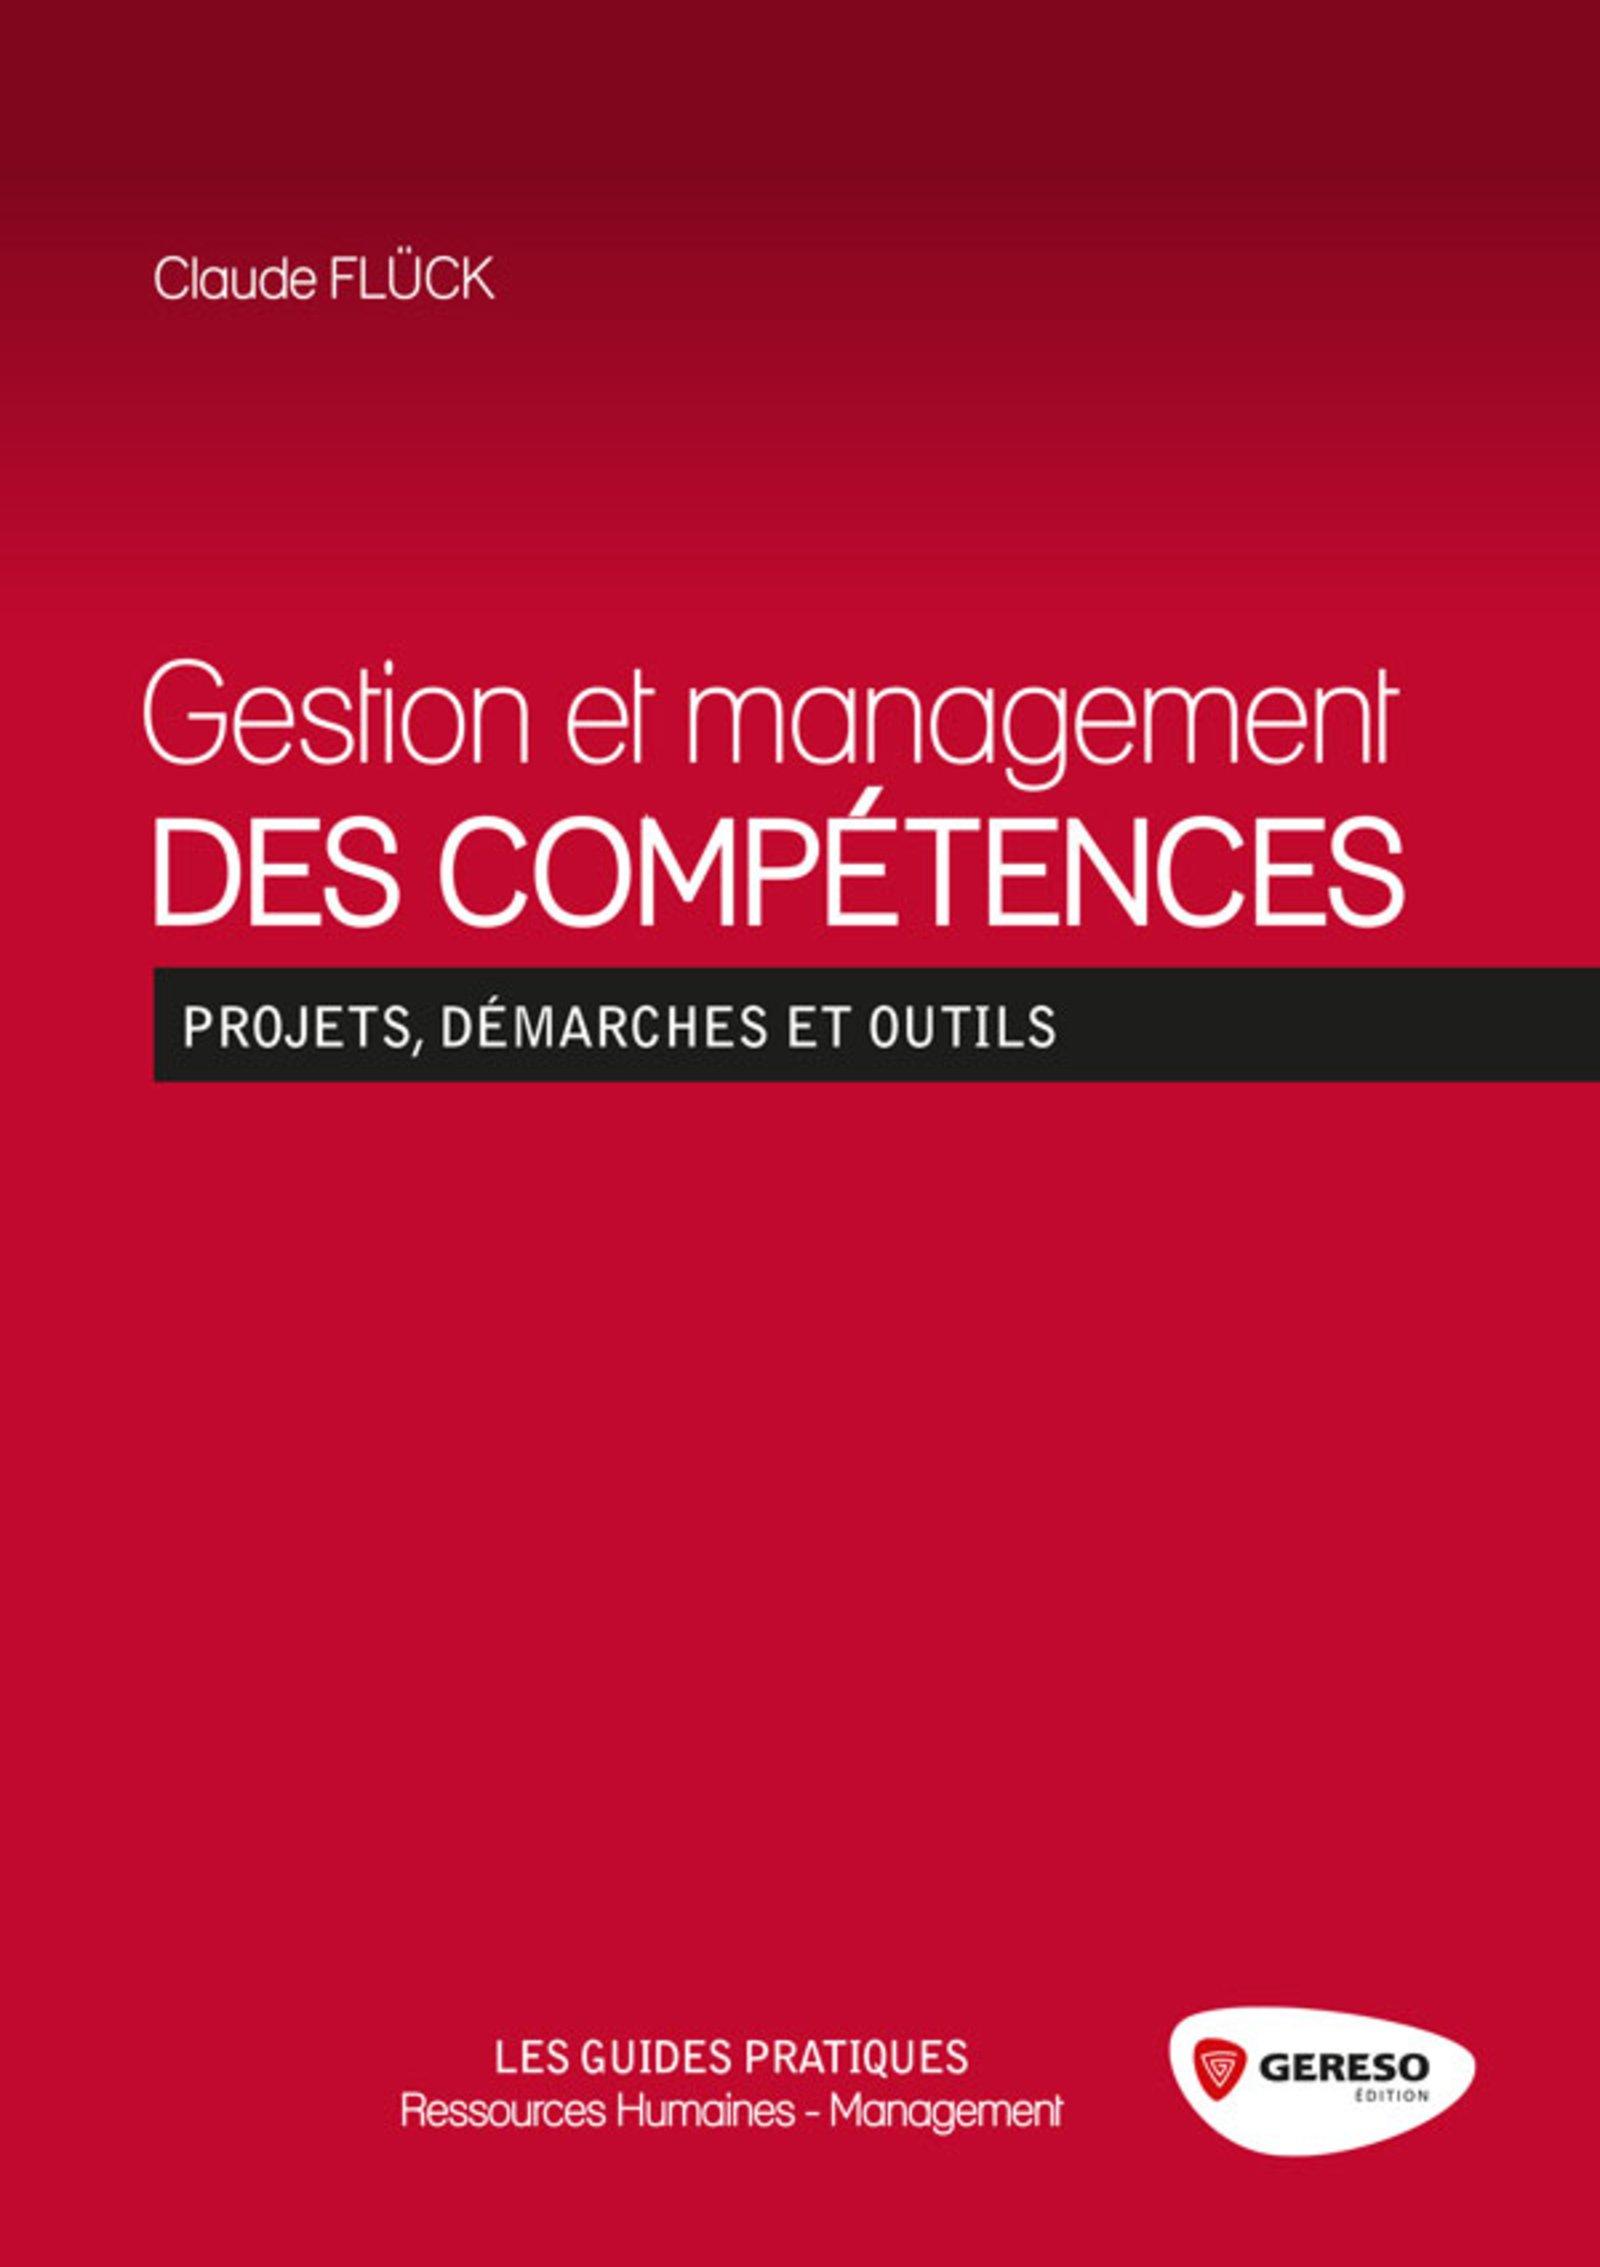 TELECHARGER MAGAZINE Gestion et management des compétences : Projets, démarches et outils